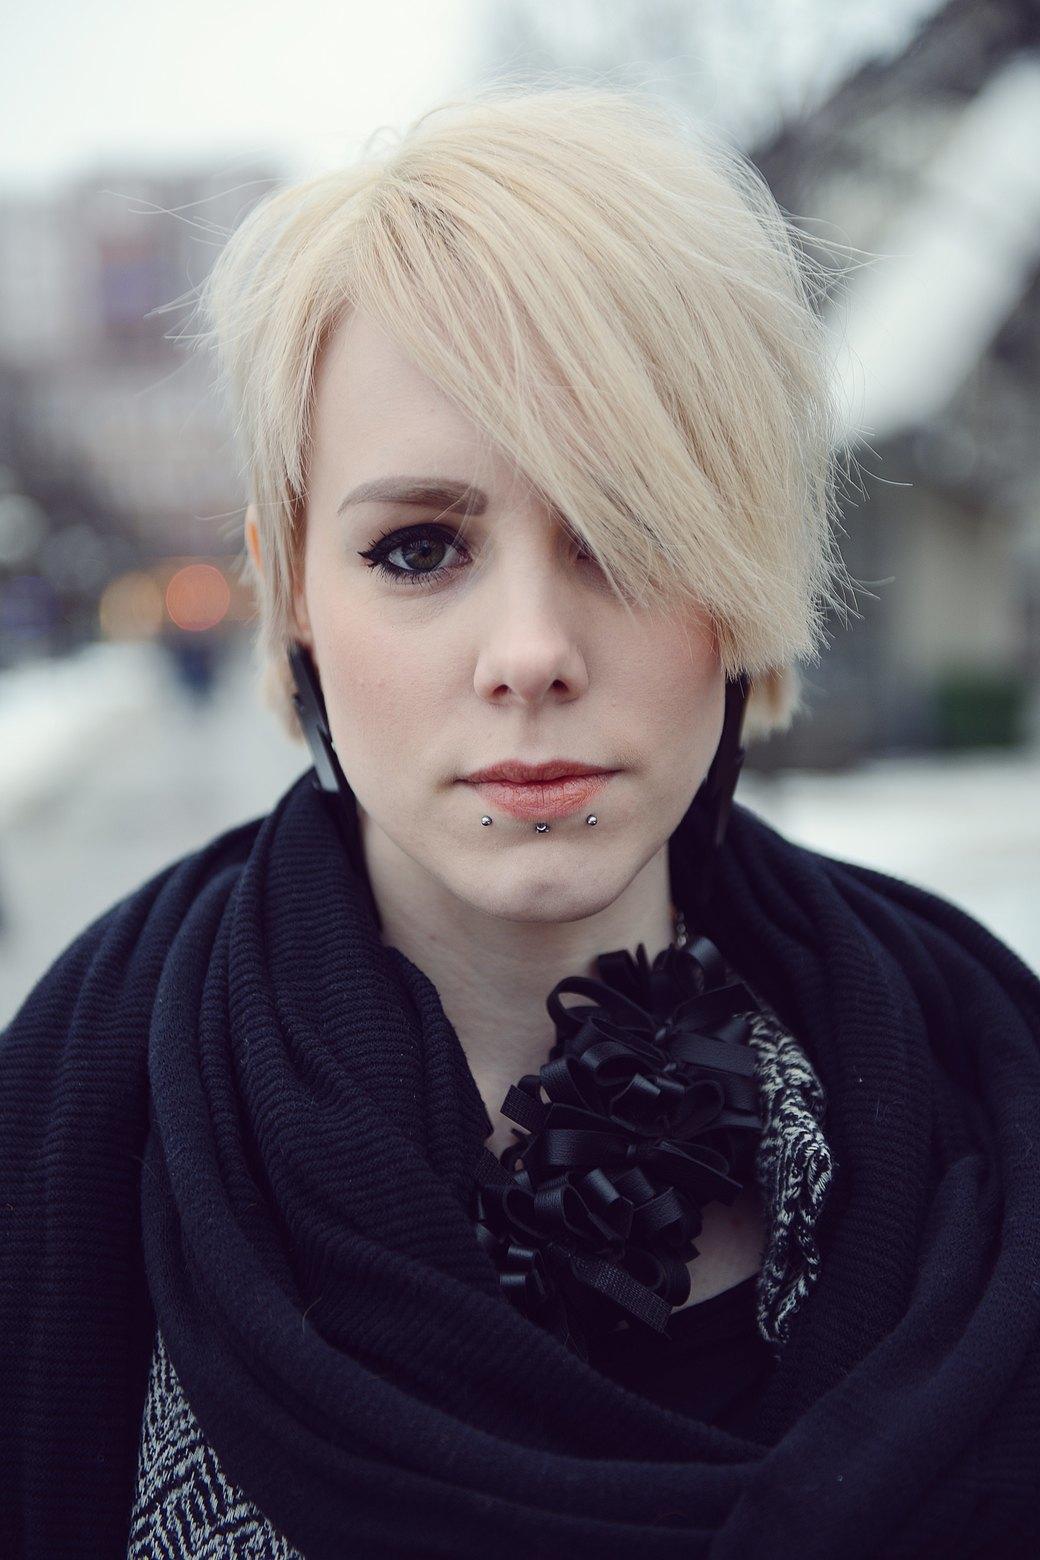 Шубы и горох на Stockholm Fashion Week. Изображение № 21.